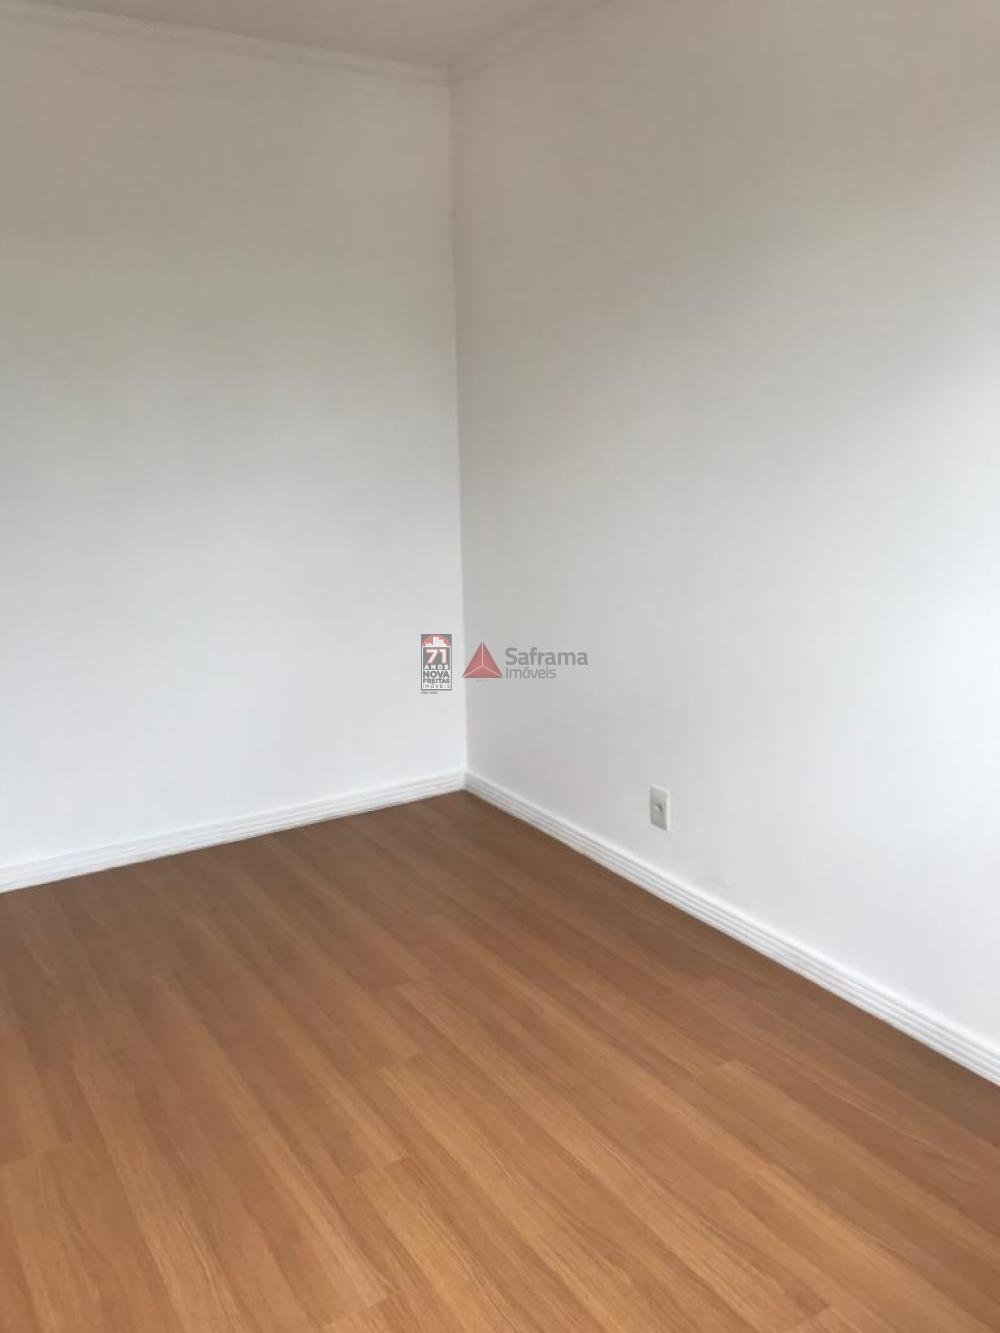 Comprar Apartamento / Padrão em São José dos Campos apenas R$ 315.000,00 - Foto 13